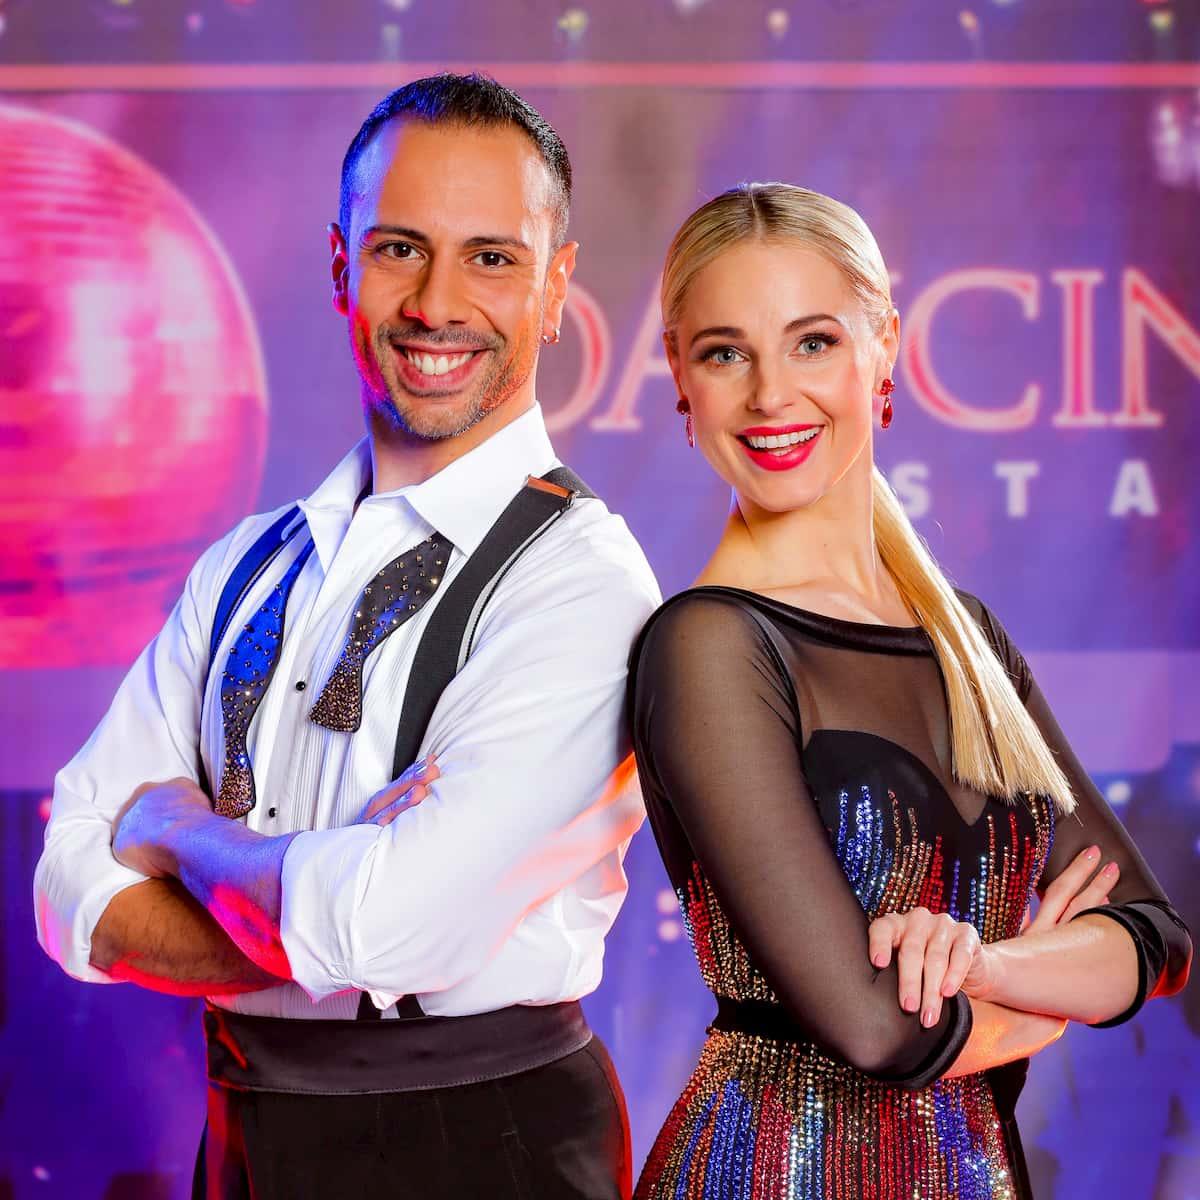 Danilo Campisi und Silvia Schneider bei den Dancing Stars am 13.11.2020